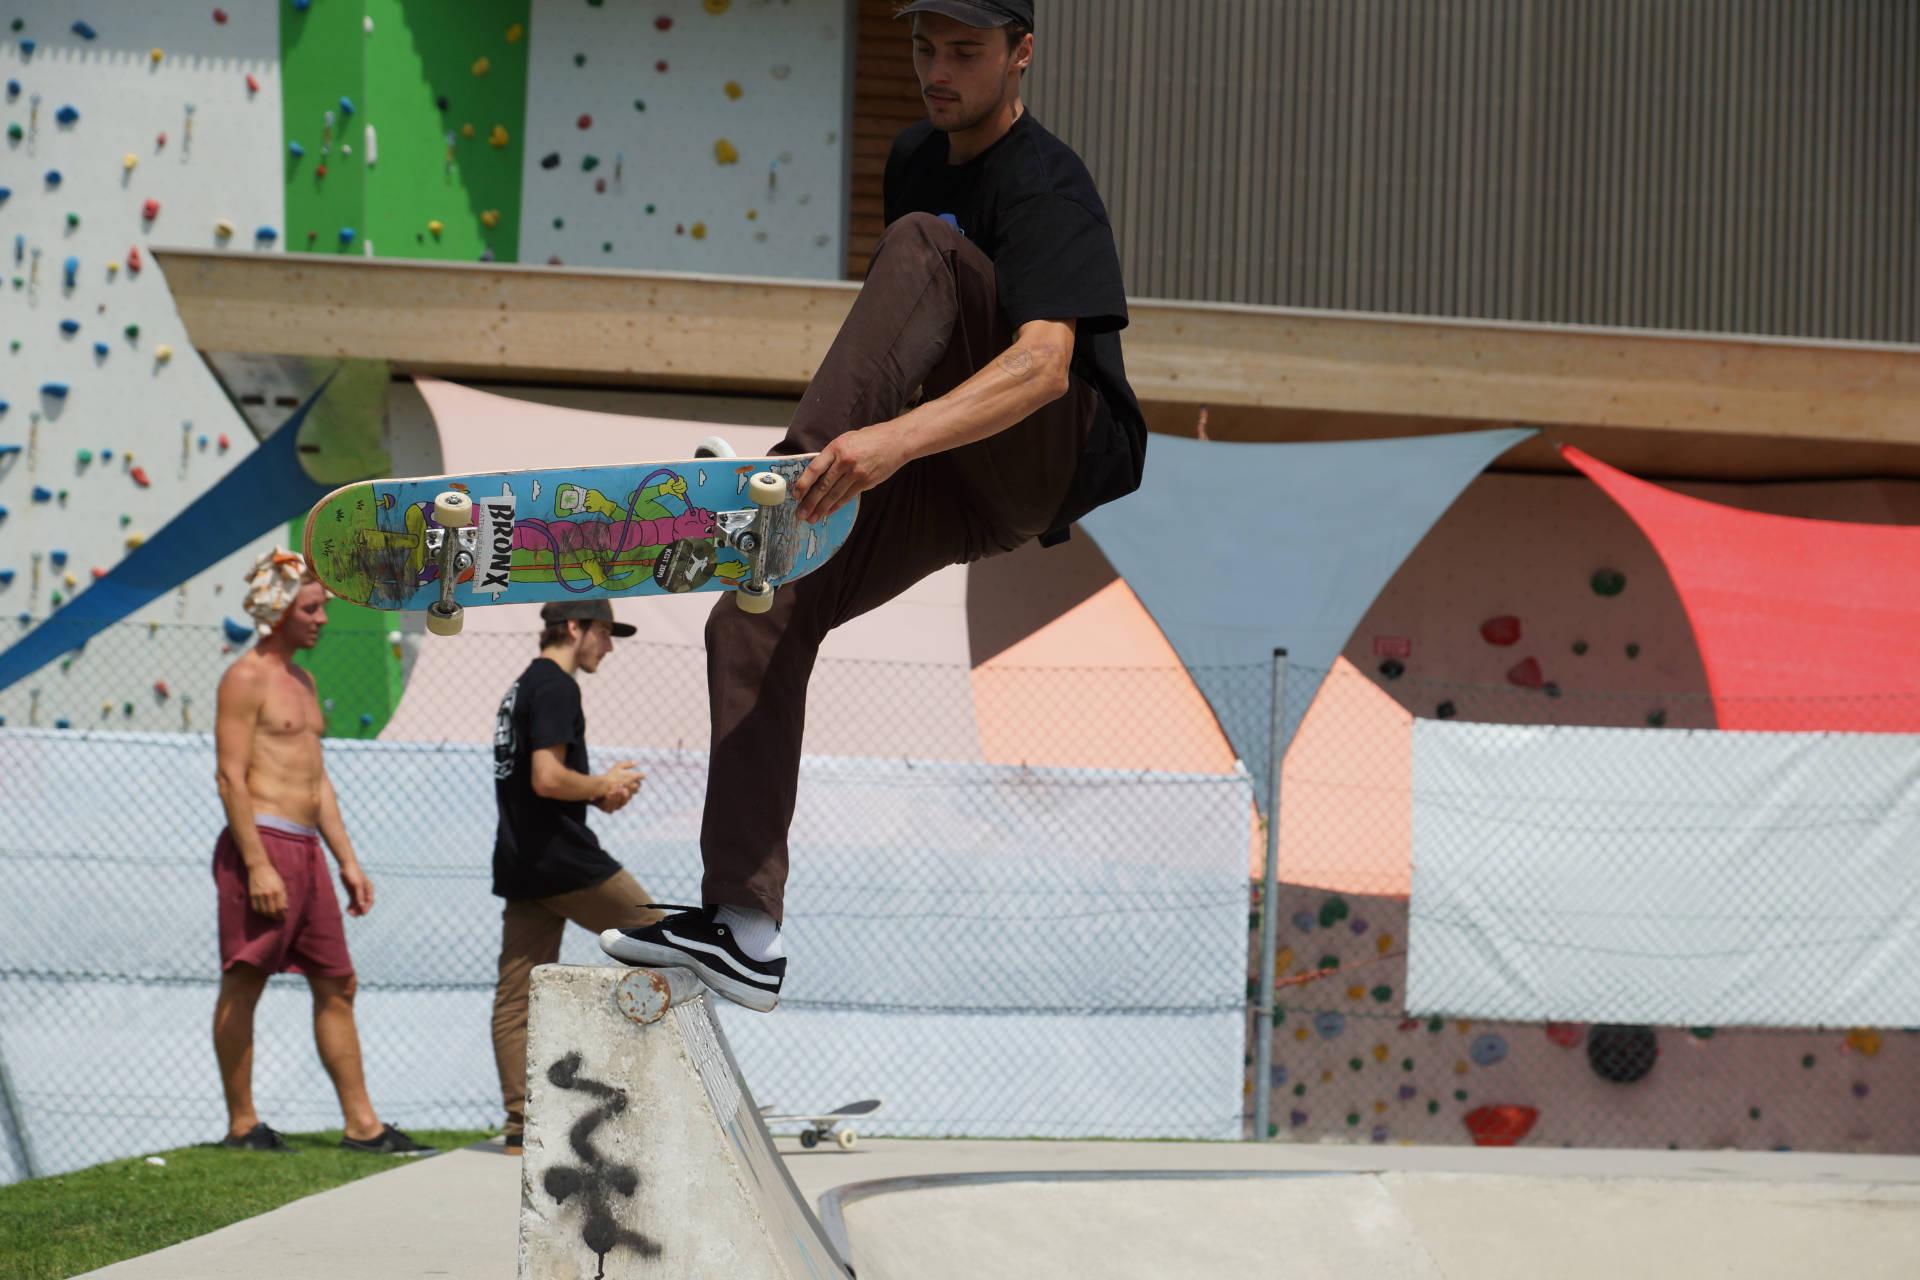 skateboardheadz st johann in tirol kgt 2019 finale 00002